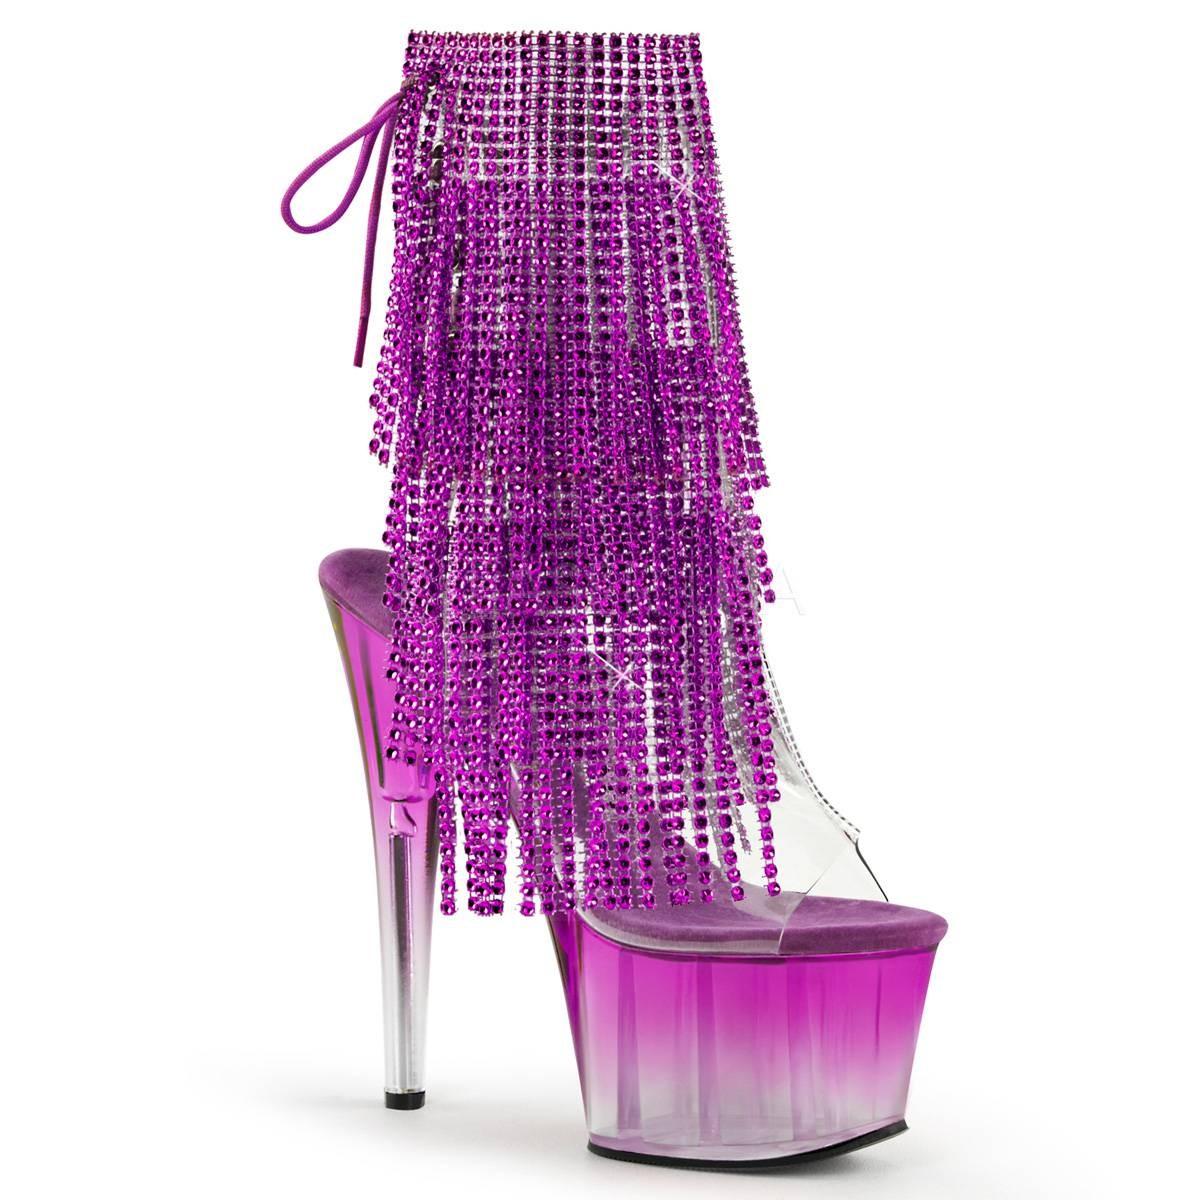 Stiefel für Frauen - ADORE 1017RSFT ° Damen Stiefelette ° TransparentMatt ° Pleaser  - Onlineshop RedSixty